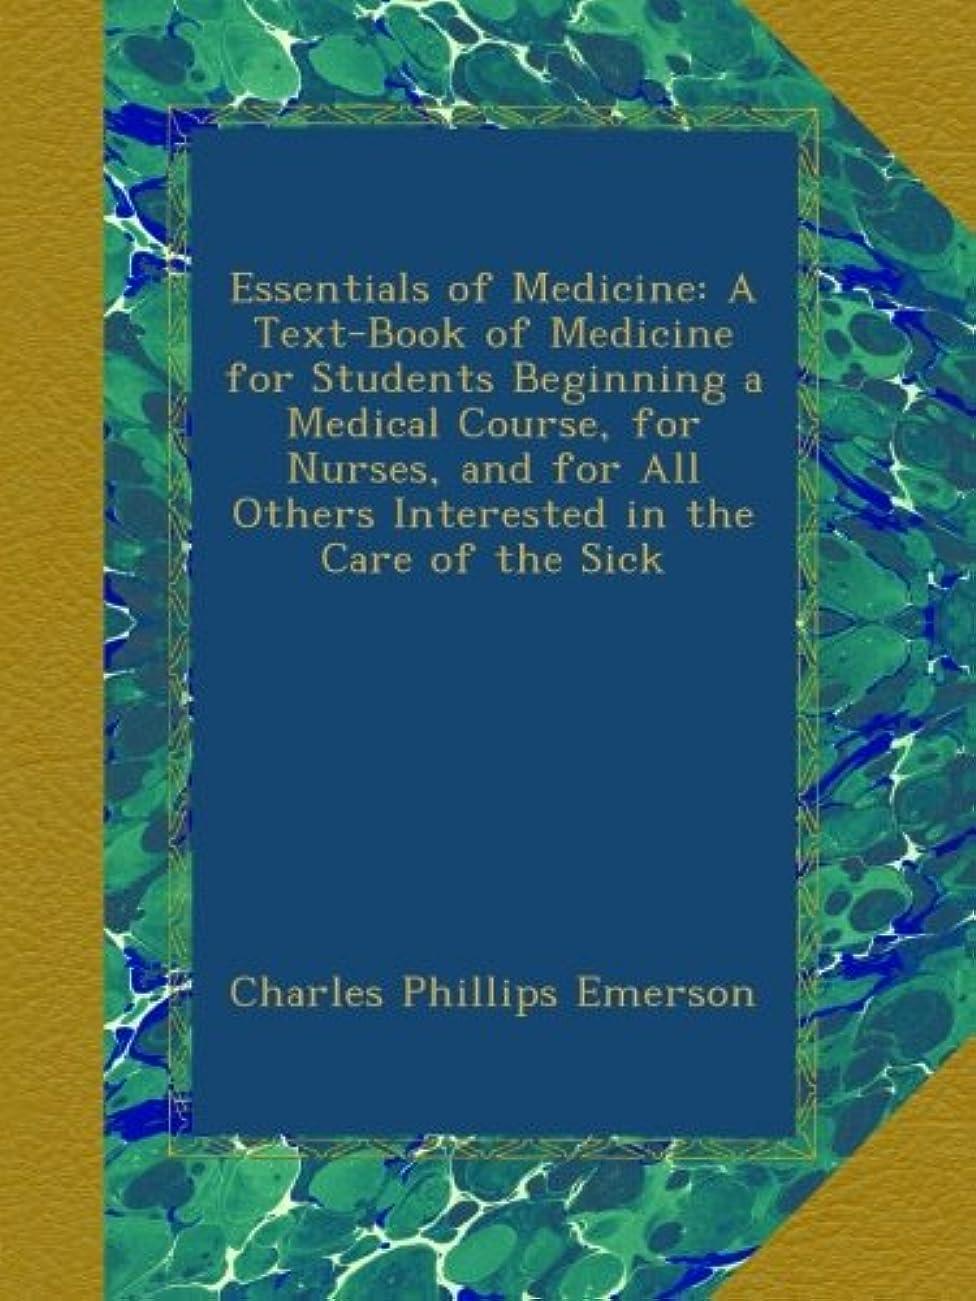 コンピューターピービッシュクレーターEssentials of Medicine: A Text-Book of Medicine for Students Beginning a Medical Course, for Nurses, and for All Others Interested in the Care of the Sick